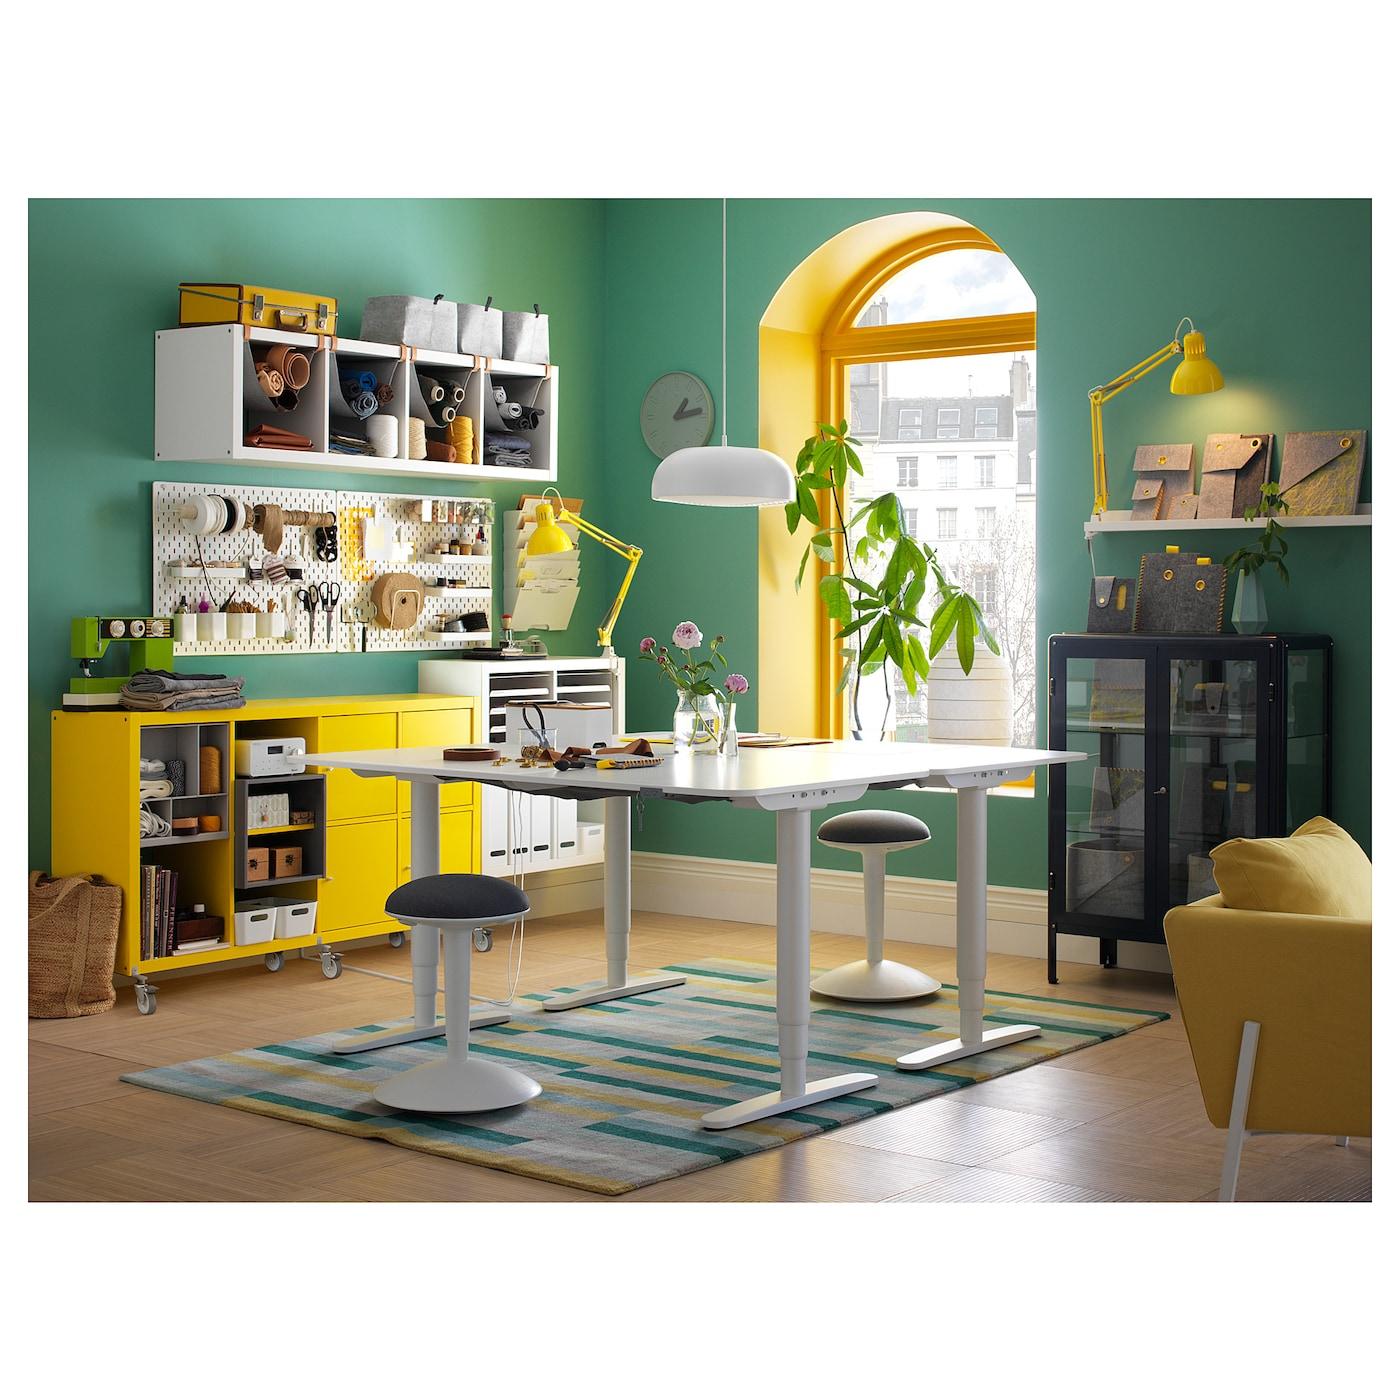 Full Size of Stehhilfe Ikea Nilserik Stehsttze Wei Küche Kosten Betten 160x200 Sofa Mit Schlaffunktion Bei Kaufen Modulküche Miniküche Wohnzimmer Stehhilfe Ikea